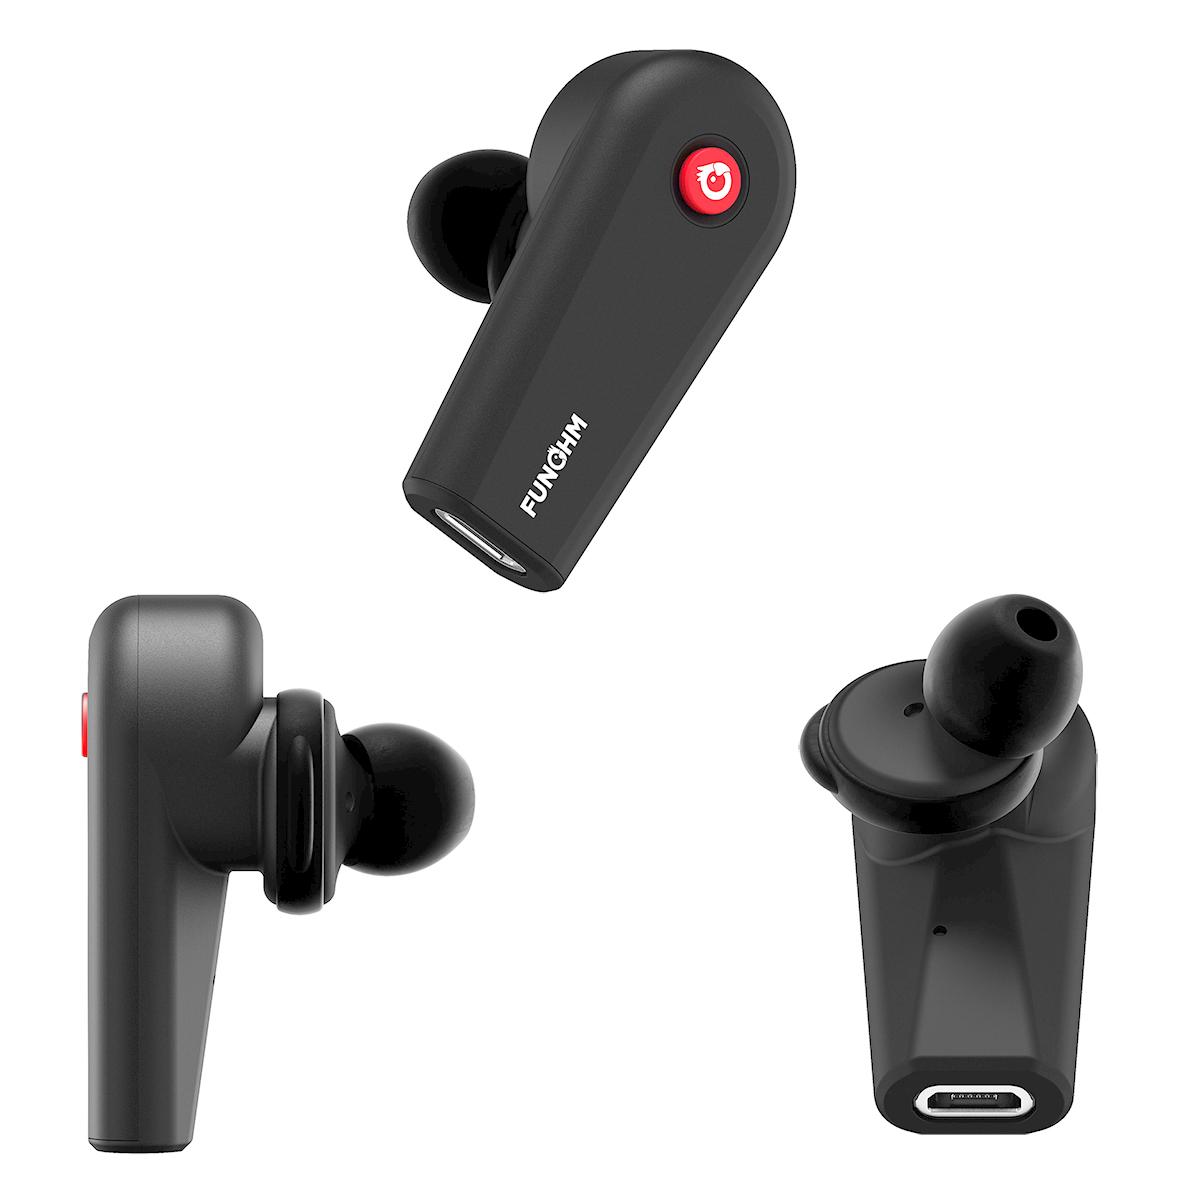 「耳の3点」にフィットさせることで、力をかけずに、イヤホンを固定させる独自設計のワイヤレスイヤホン|FUNOHM